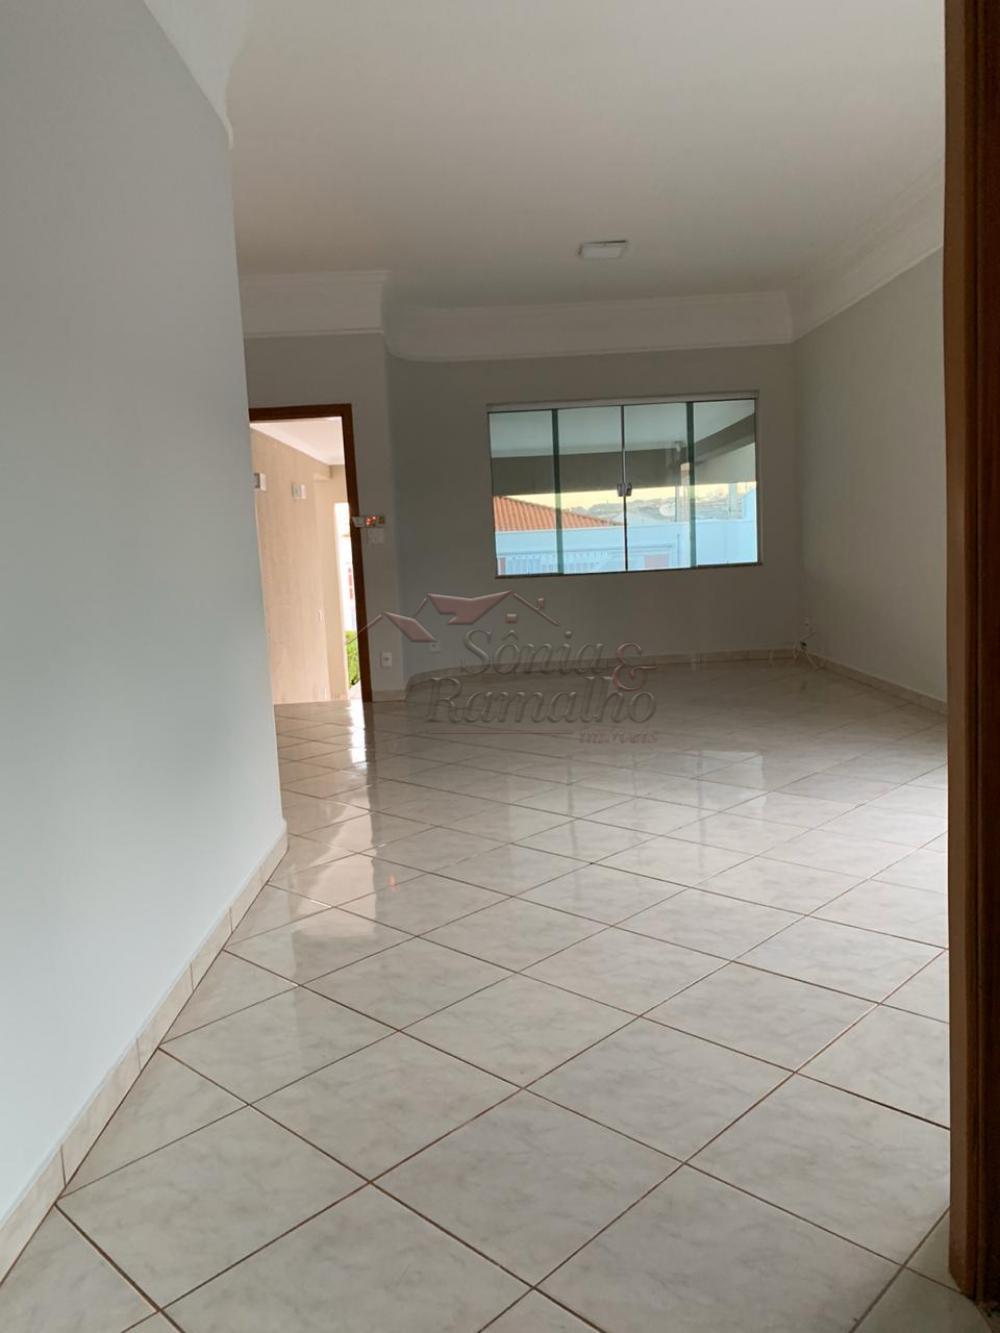 Alugar Casas / Padrão em Ribeirão Preto apenas R$ 3.600,00 - Foto 13